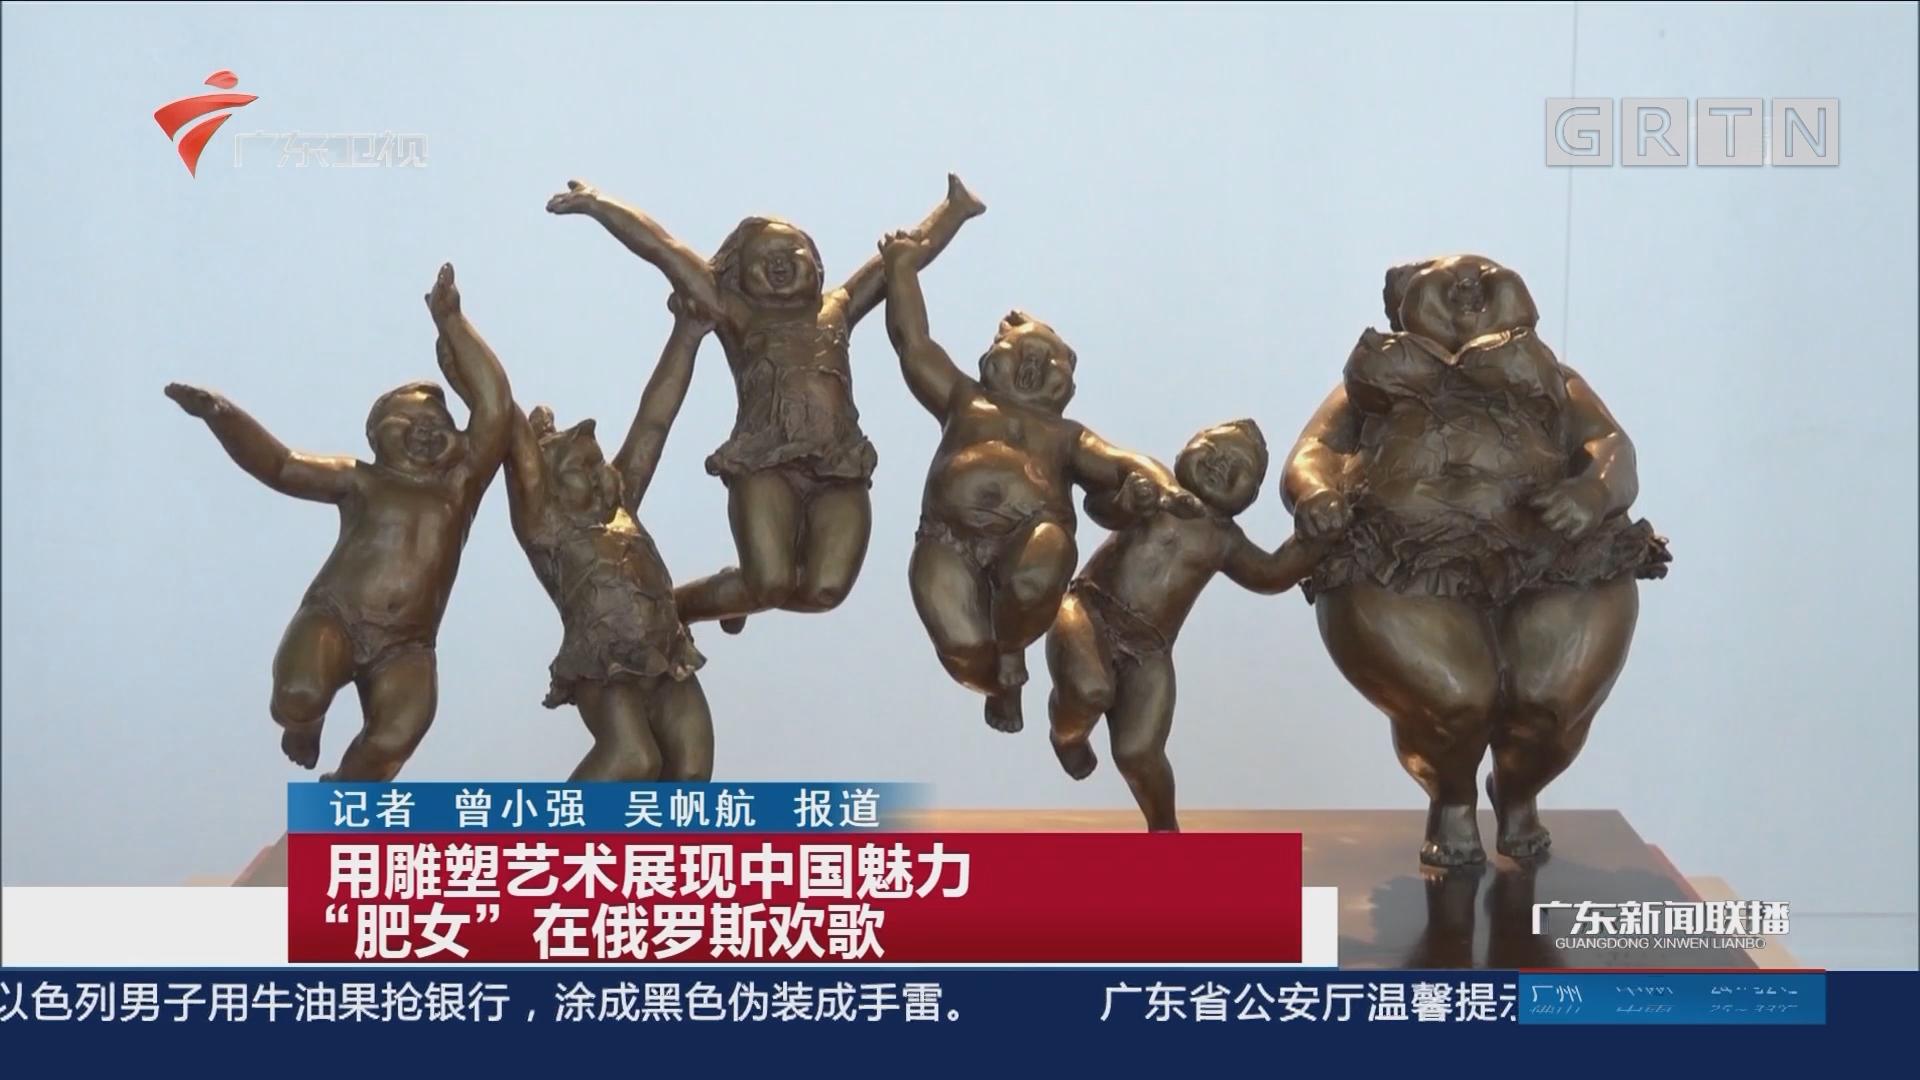 """用雕塑藝術展現中國魅力 """"肥女""""在俄羅斯歡歌"""